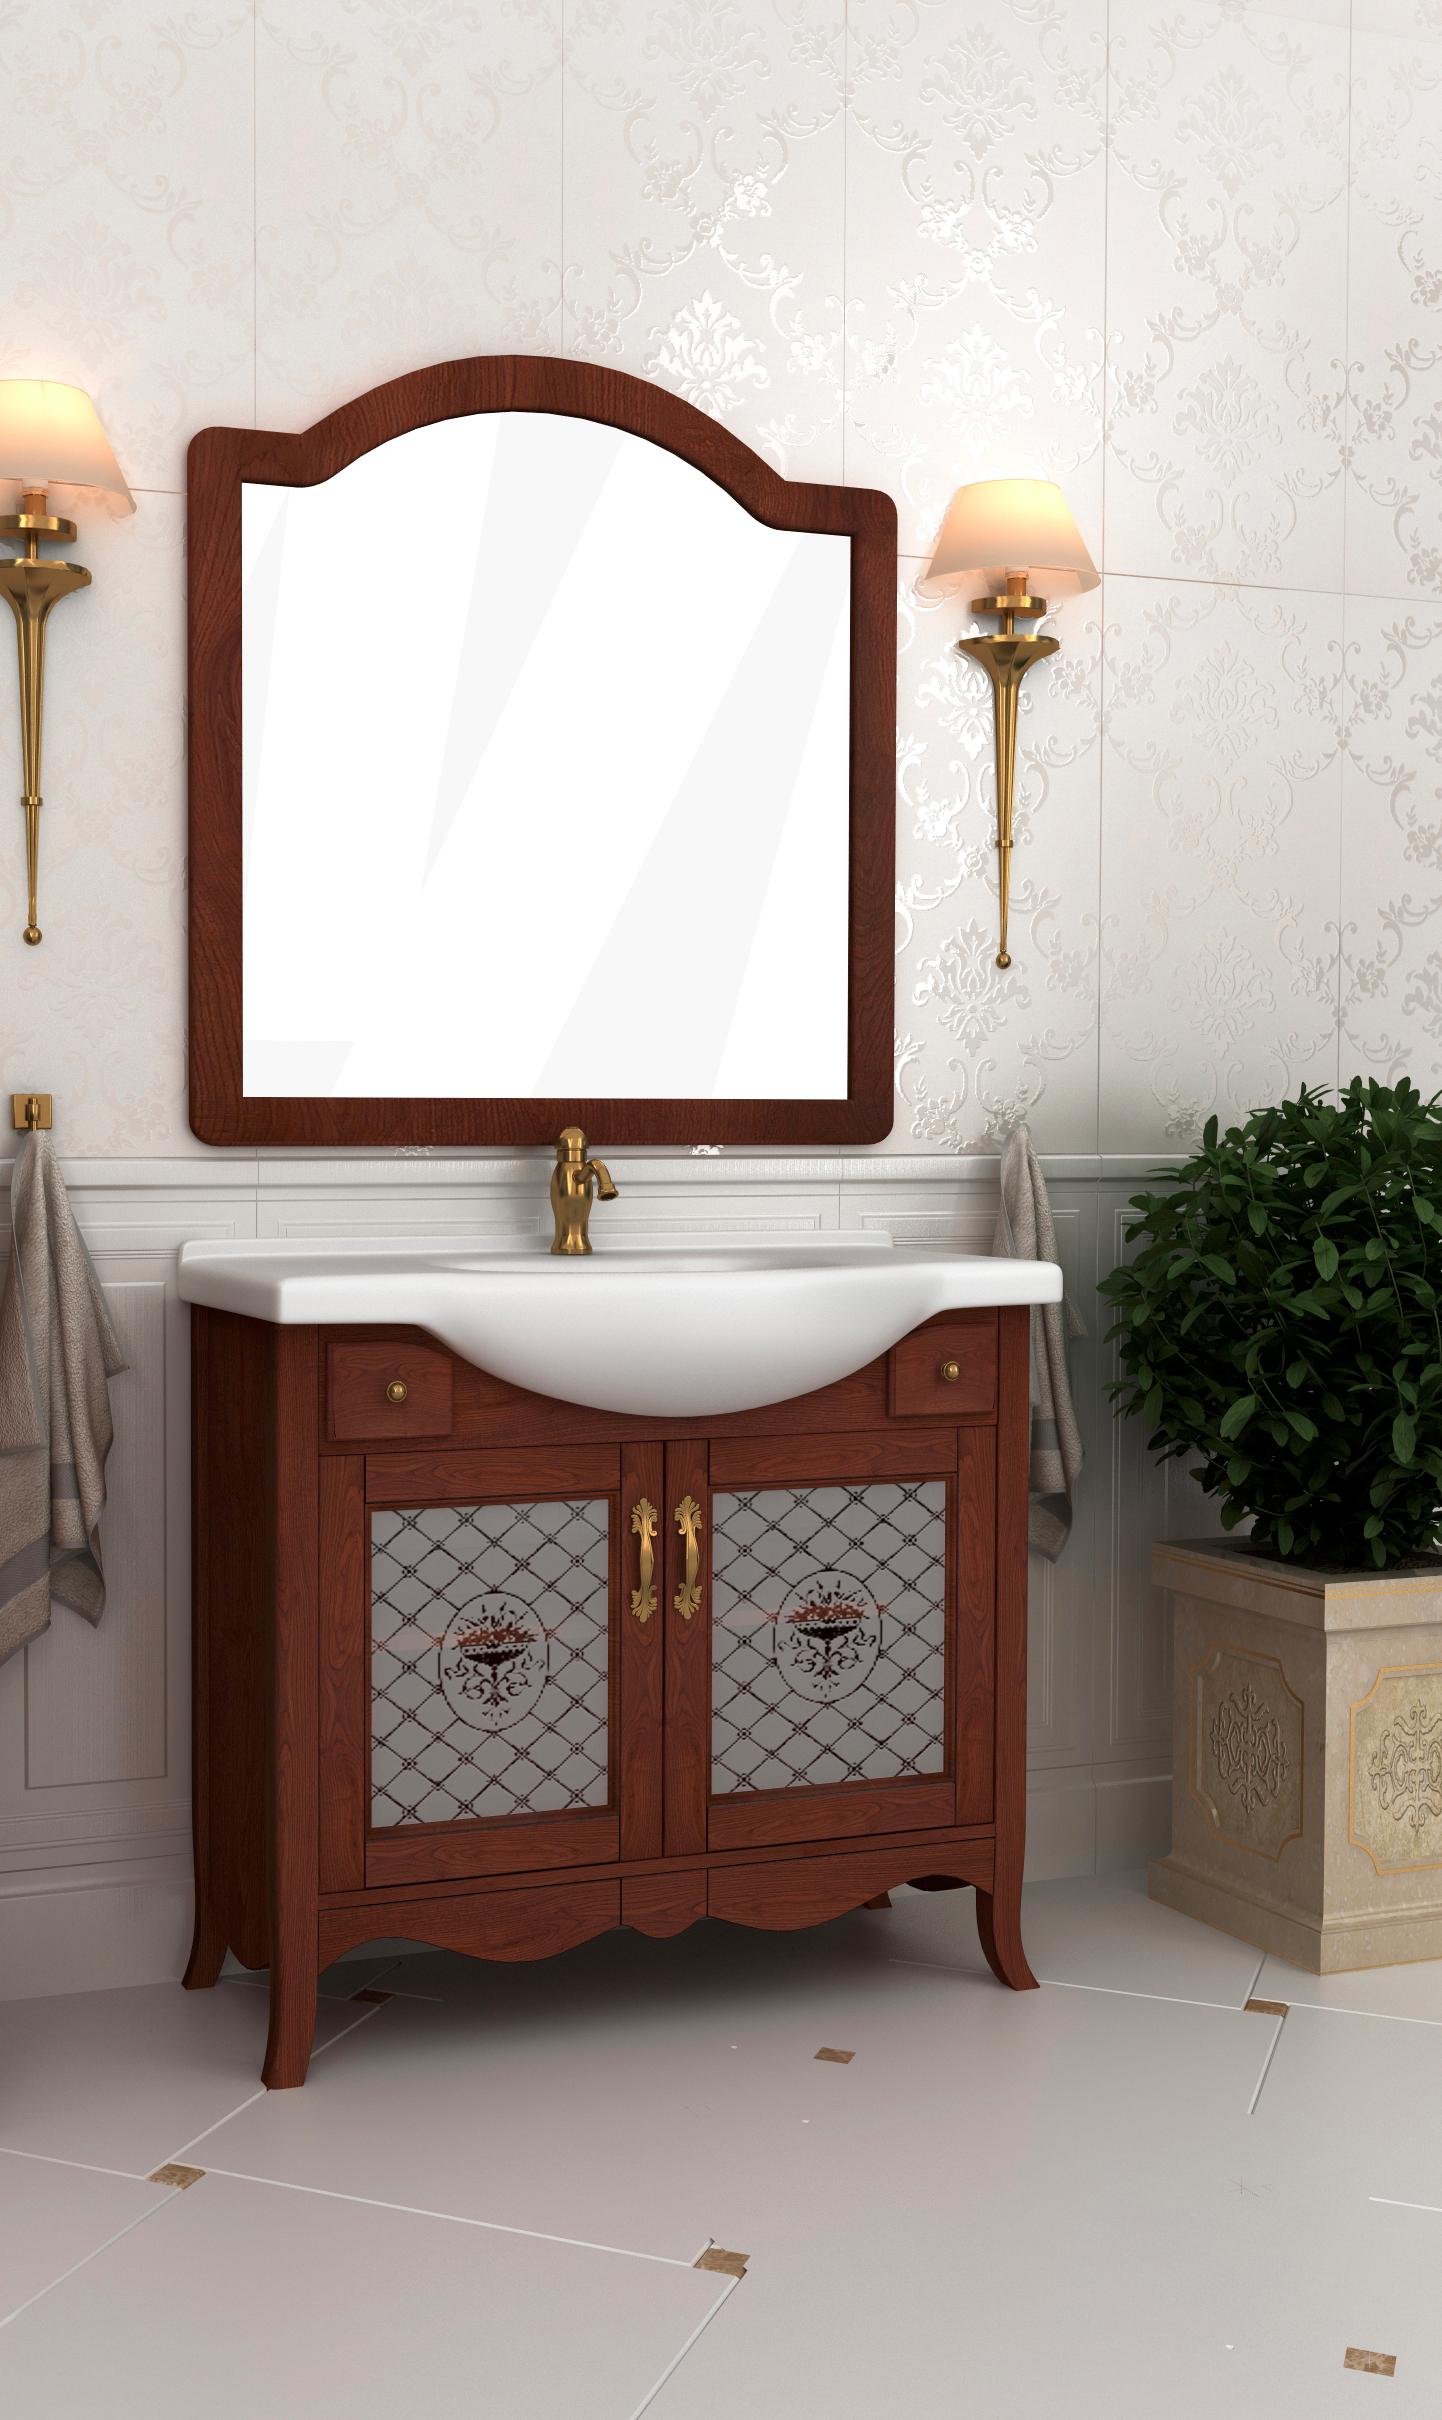 Изготовление мебели для ванной под заказ недорого